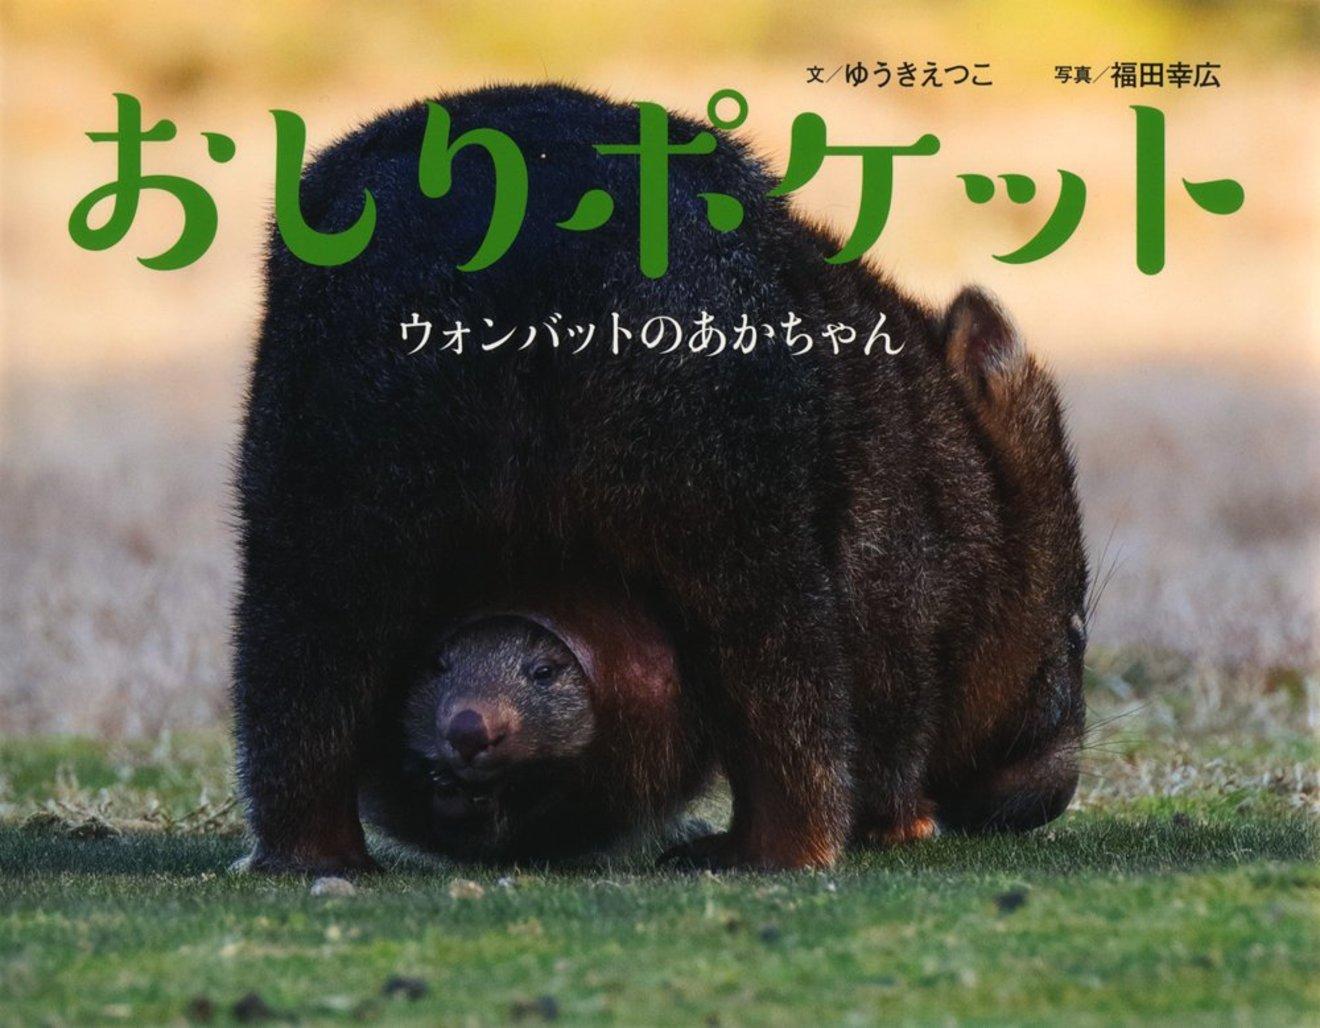 ウォンバットってどんな動物?かわいすぎる性格と生態、食べ物などをご紹介!